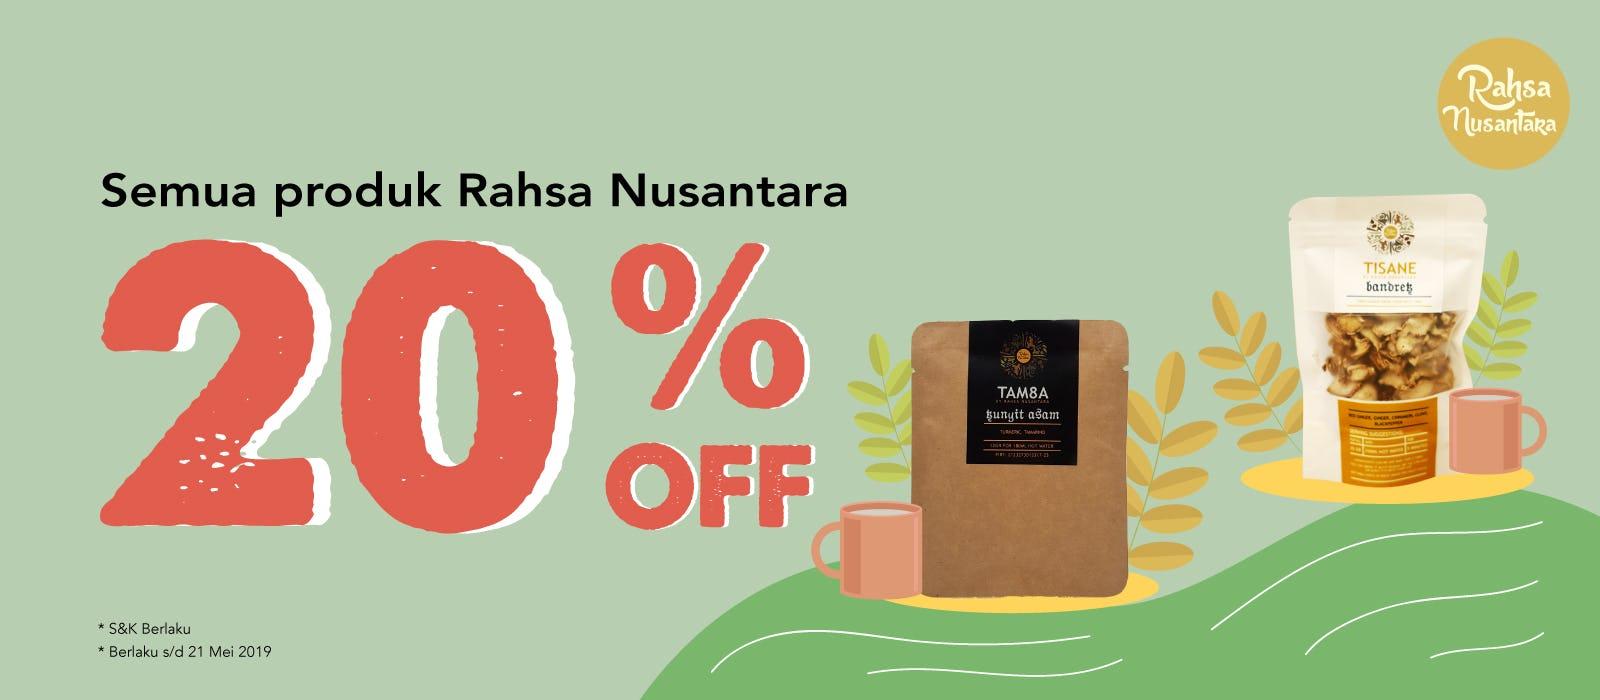 Rahsa Nusantara 20% OFF Semua Produk